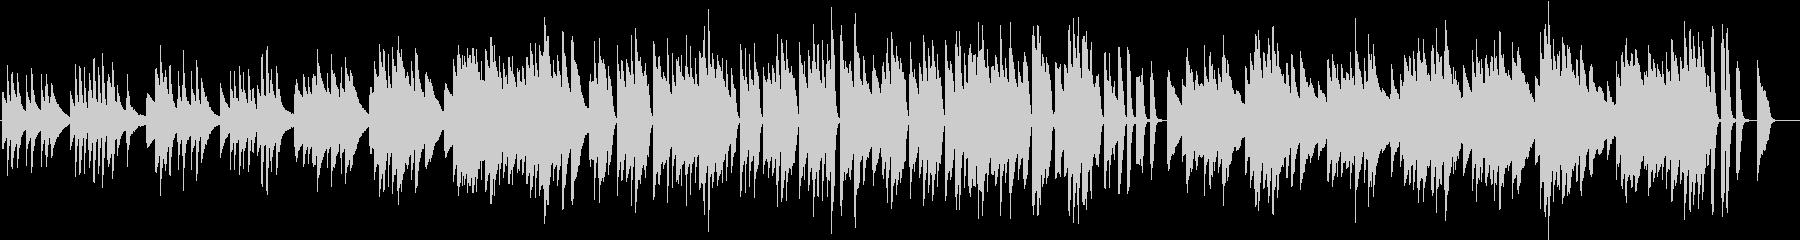 エンターテイナー(ピアノカバー)の未再生の波形